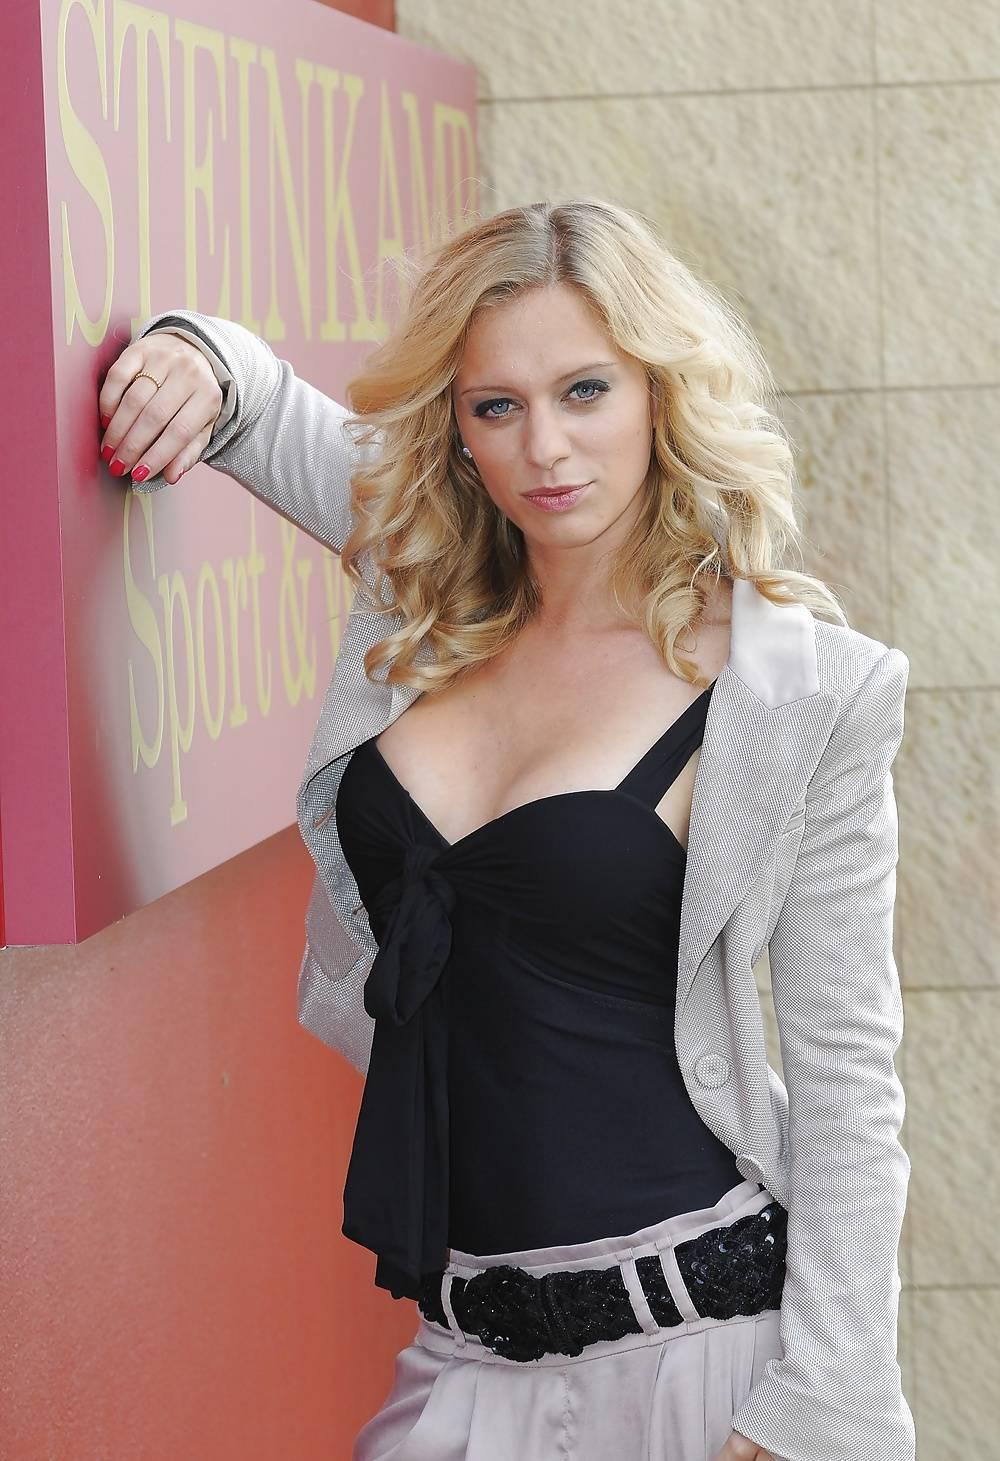 Juliette Menke nude | FitNakedGirls.com